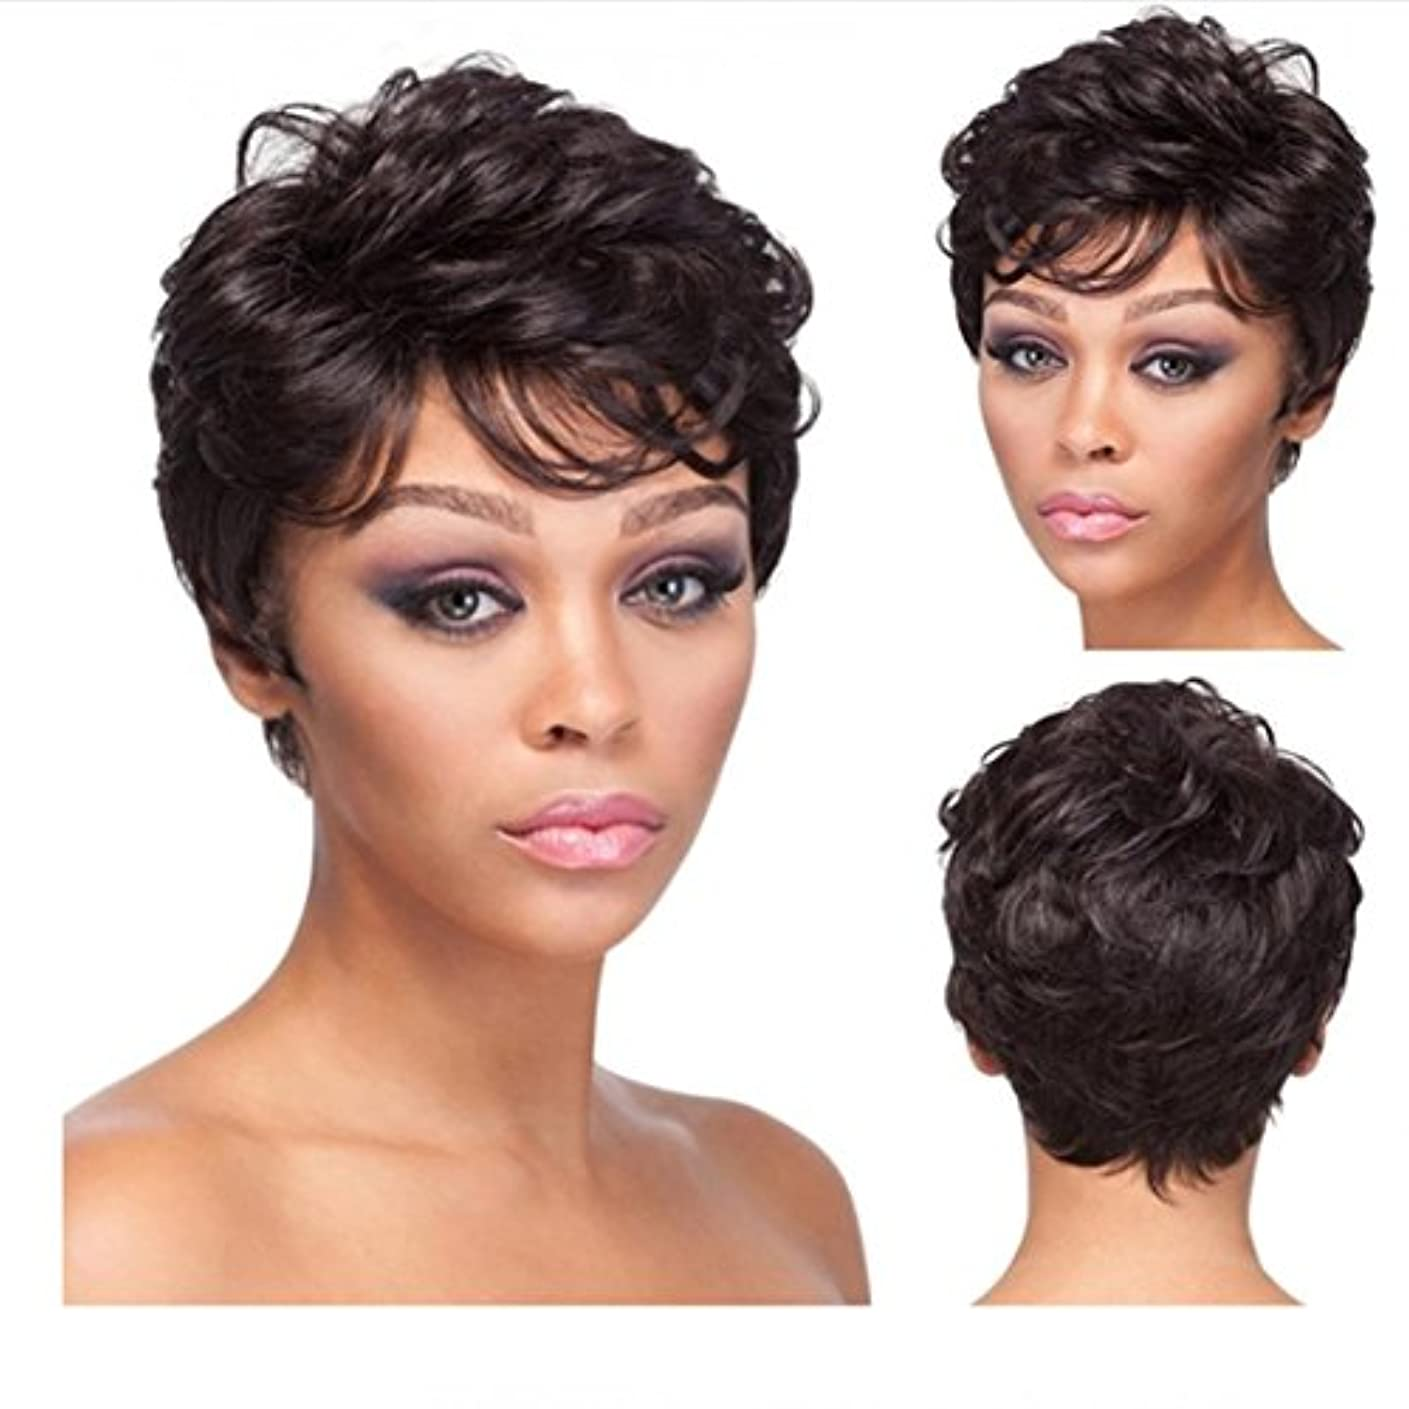 の間で予算ハーブYOUQIU デイリーウィッグ20センチメートル/ 160グラム(黒褐色)かつらのために斜めBagns髪の耐熱ウィッグで女子ショートふわふわマイクロボリュームかつらのために現実的なウィッグ (色 : Brownish black)